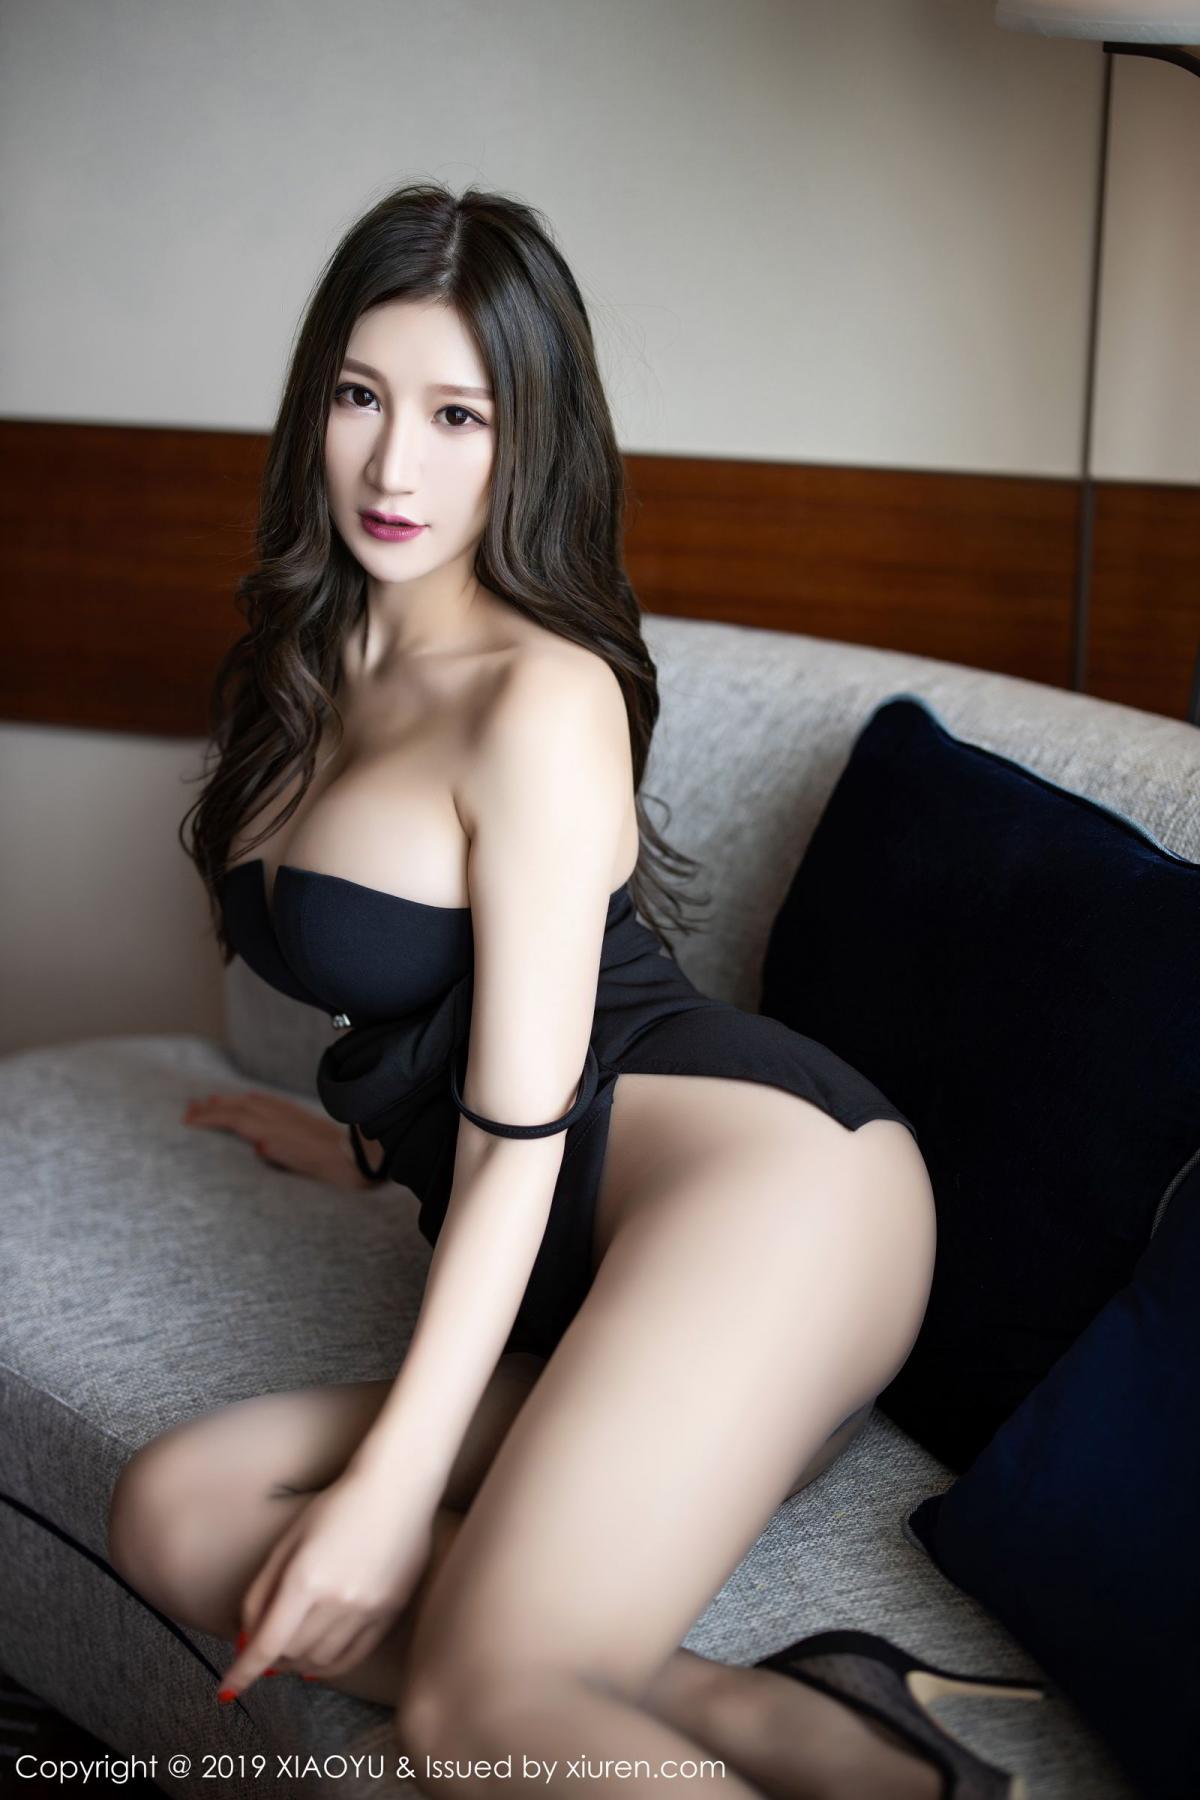 [XiaoYu] Vol.171 Xuan Zi 19P, Black Silk, Tall, XiaoYu, Xuan Zi